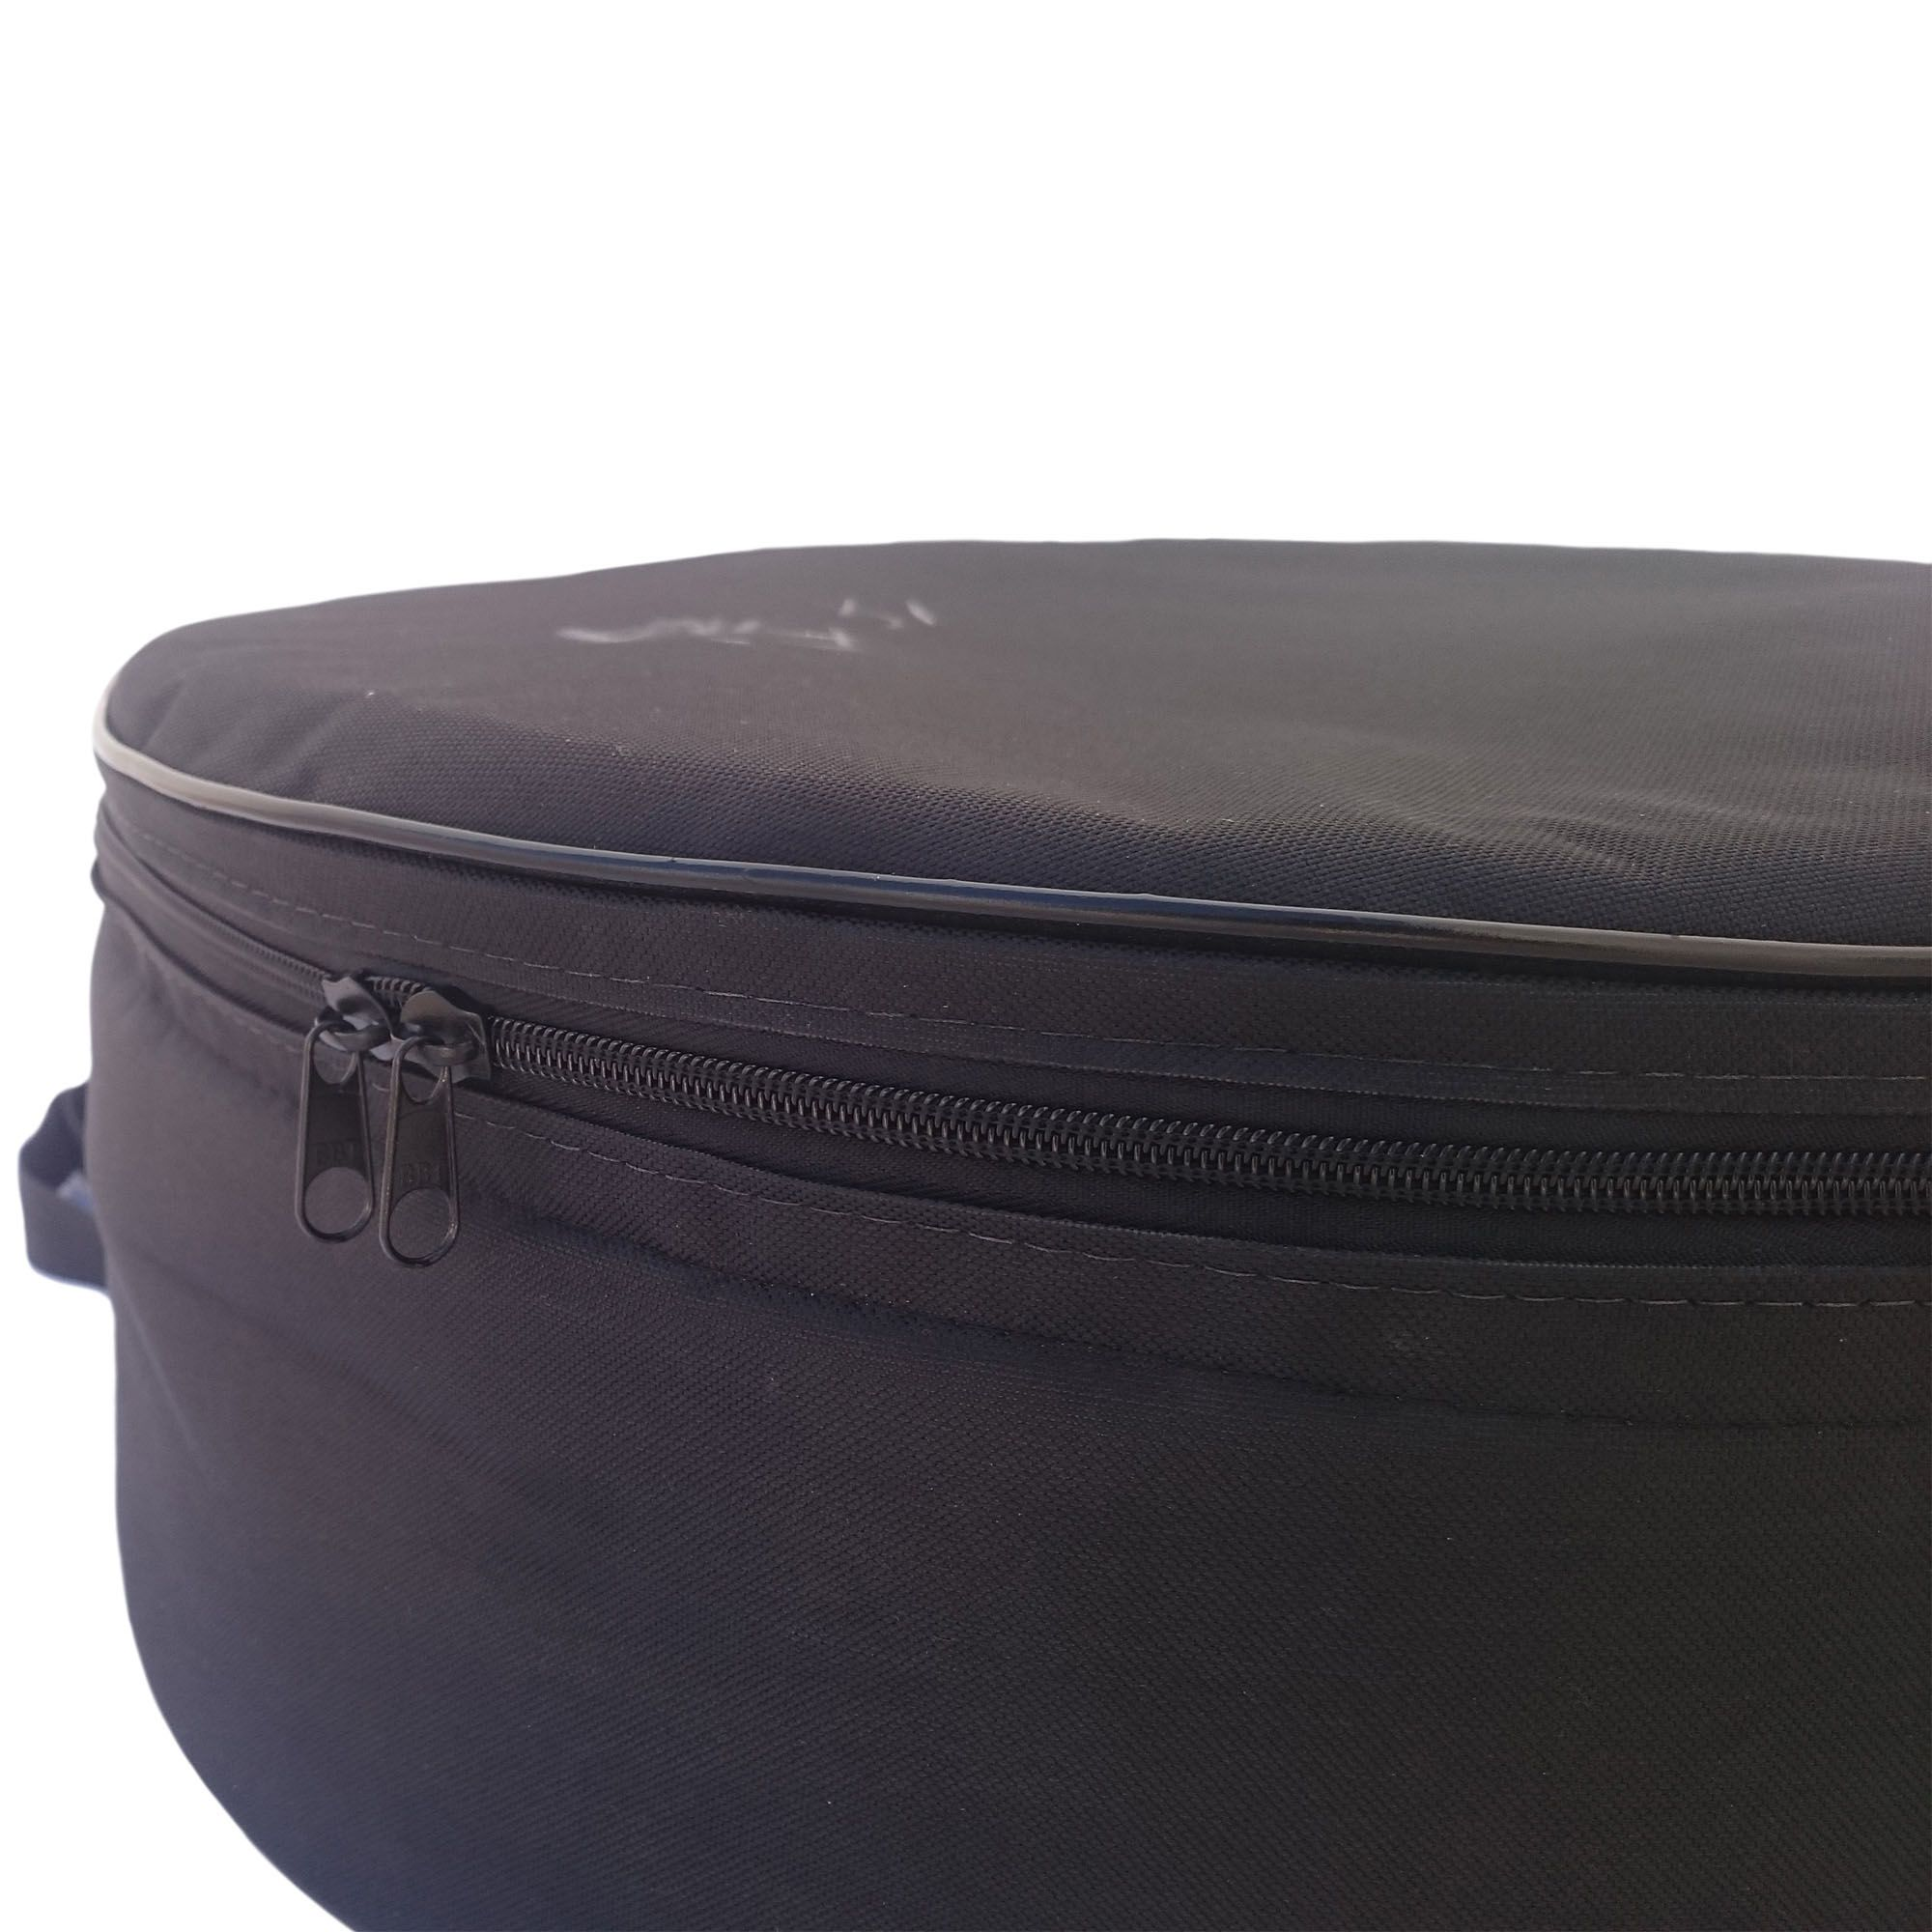 Kit de Bag's Extra-Luxo para Bateria com 4 Pçs (T12C14x12S14B22)